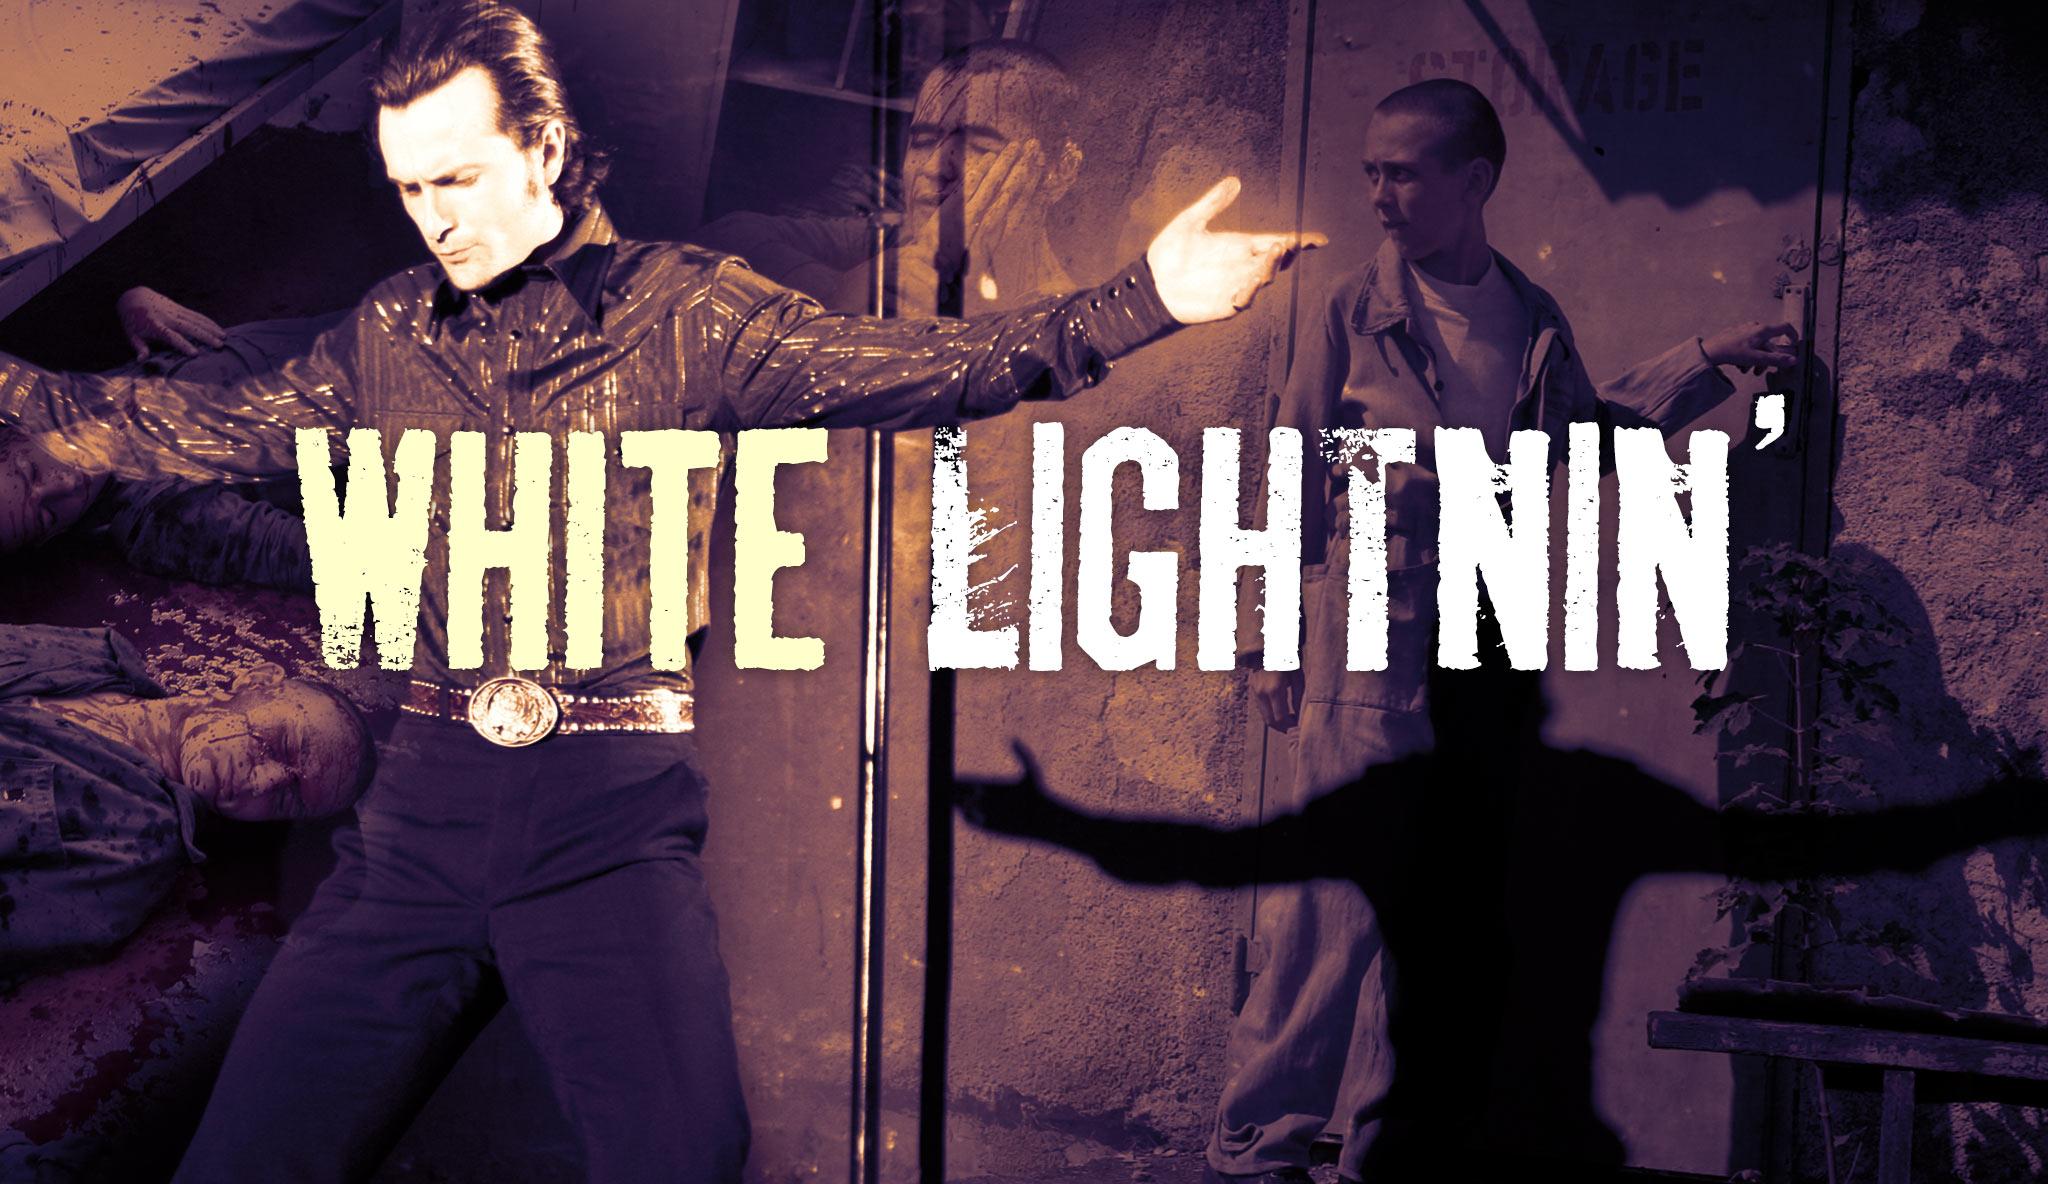 white-lightnin\header.jpg